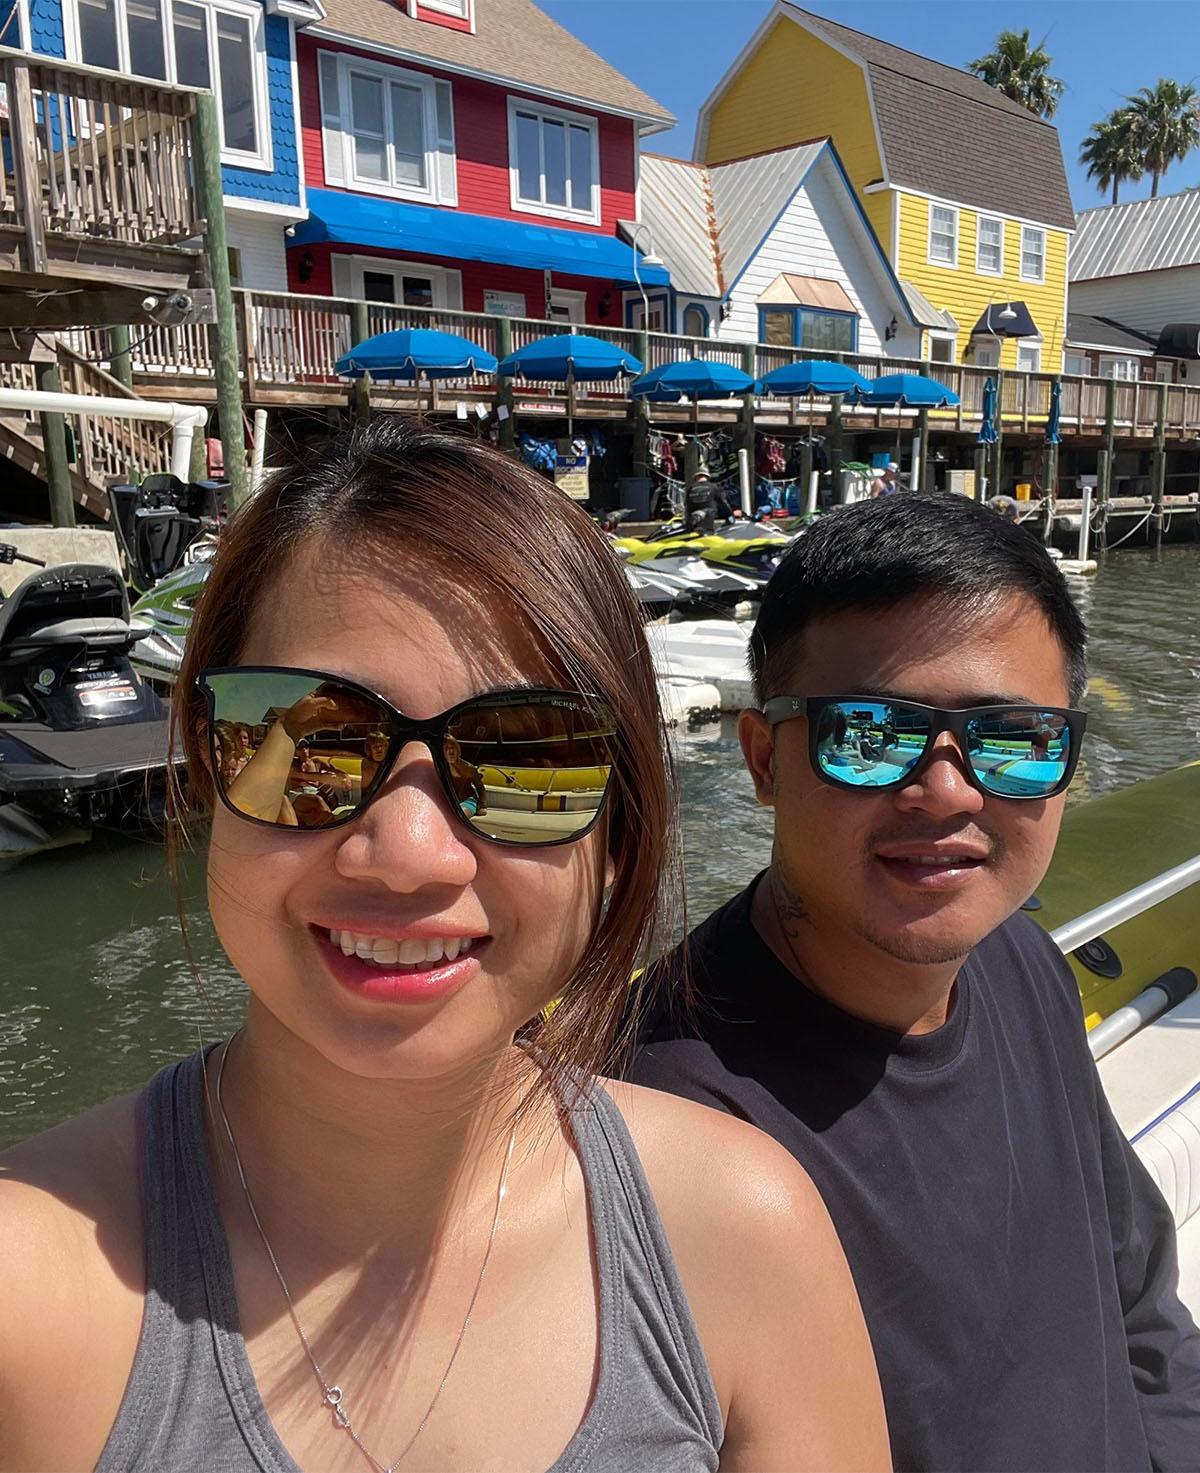 Vợ chồng chị Trâm Nguyễn, khi đi du lịch tại Florida. Ảnh do nhân vật cung cấp.